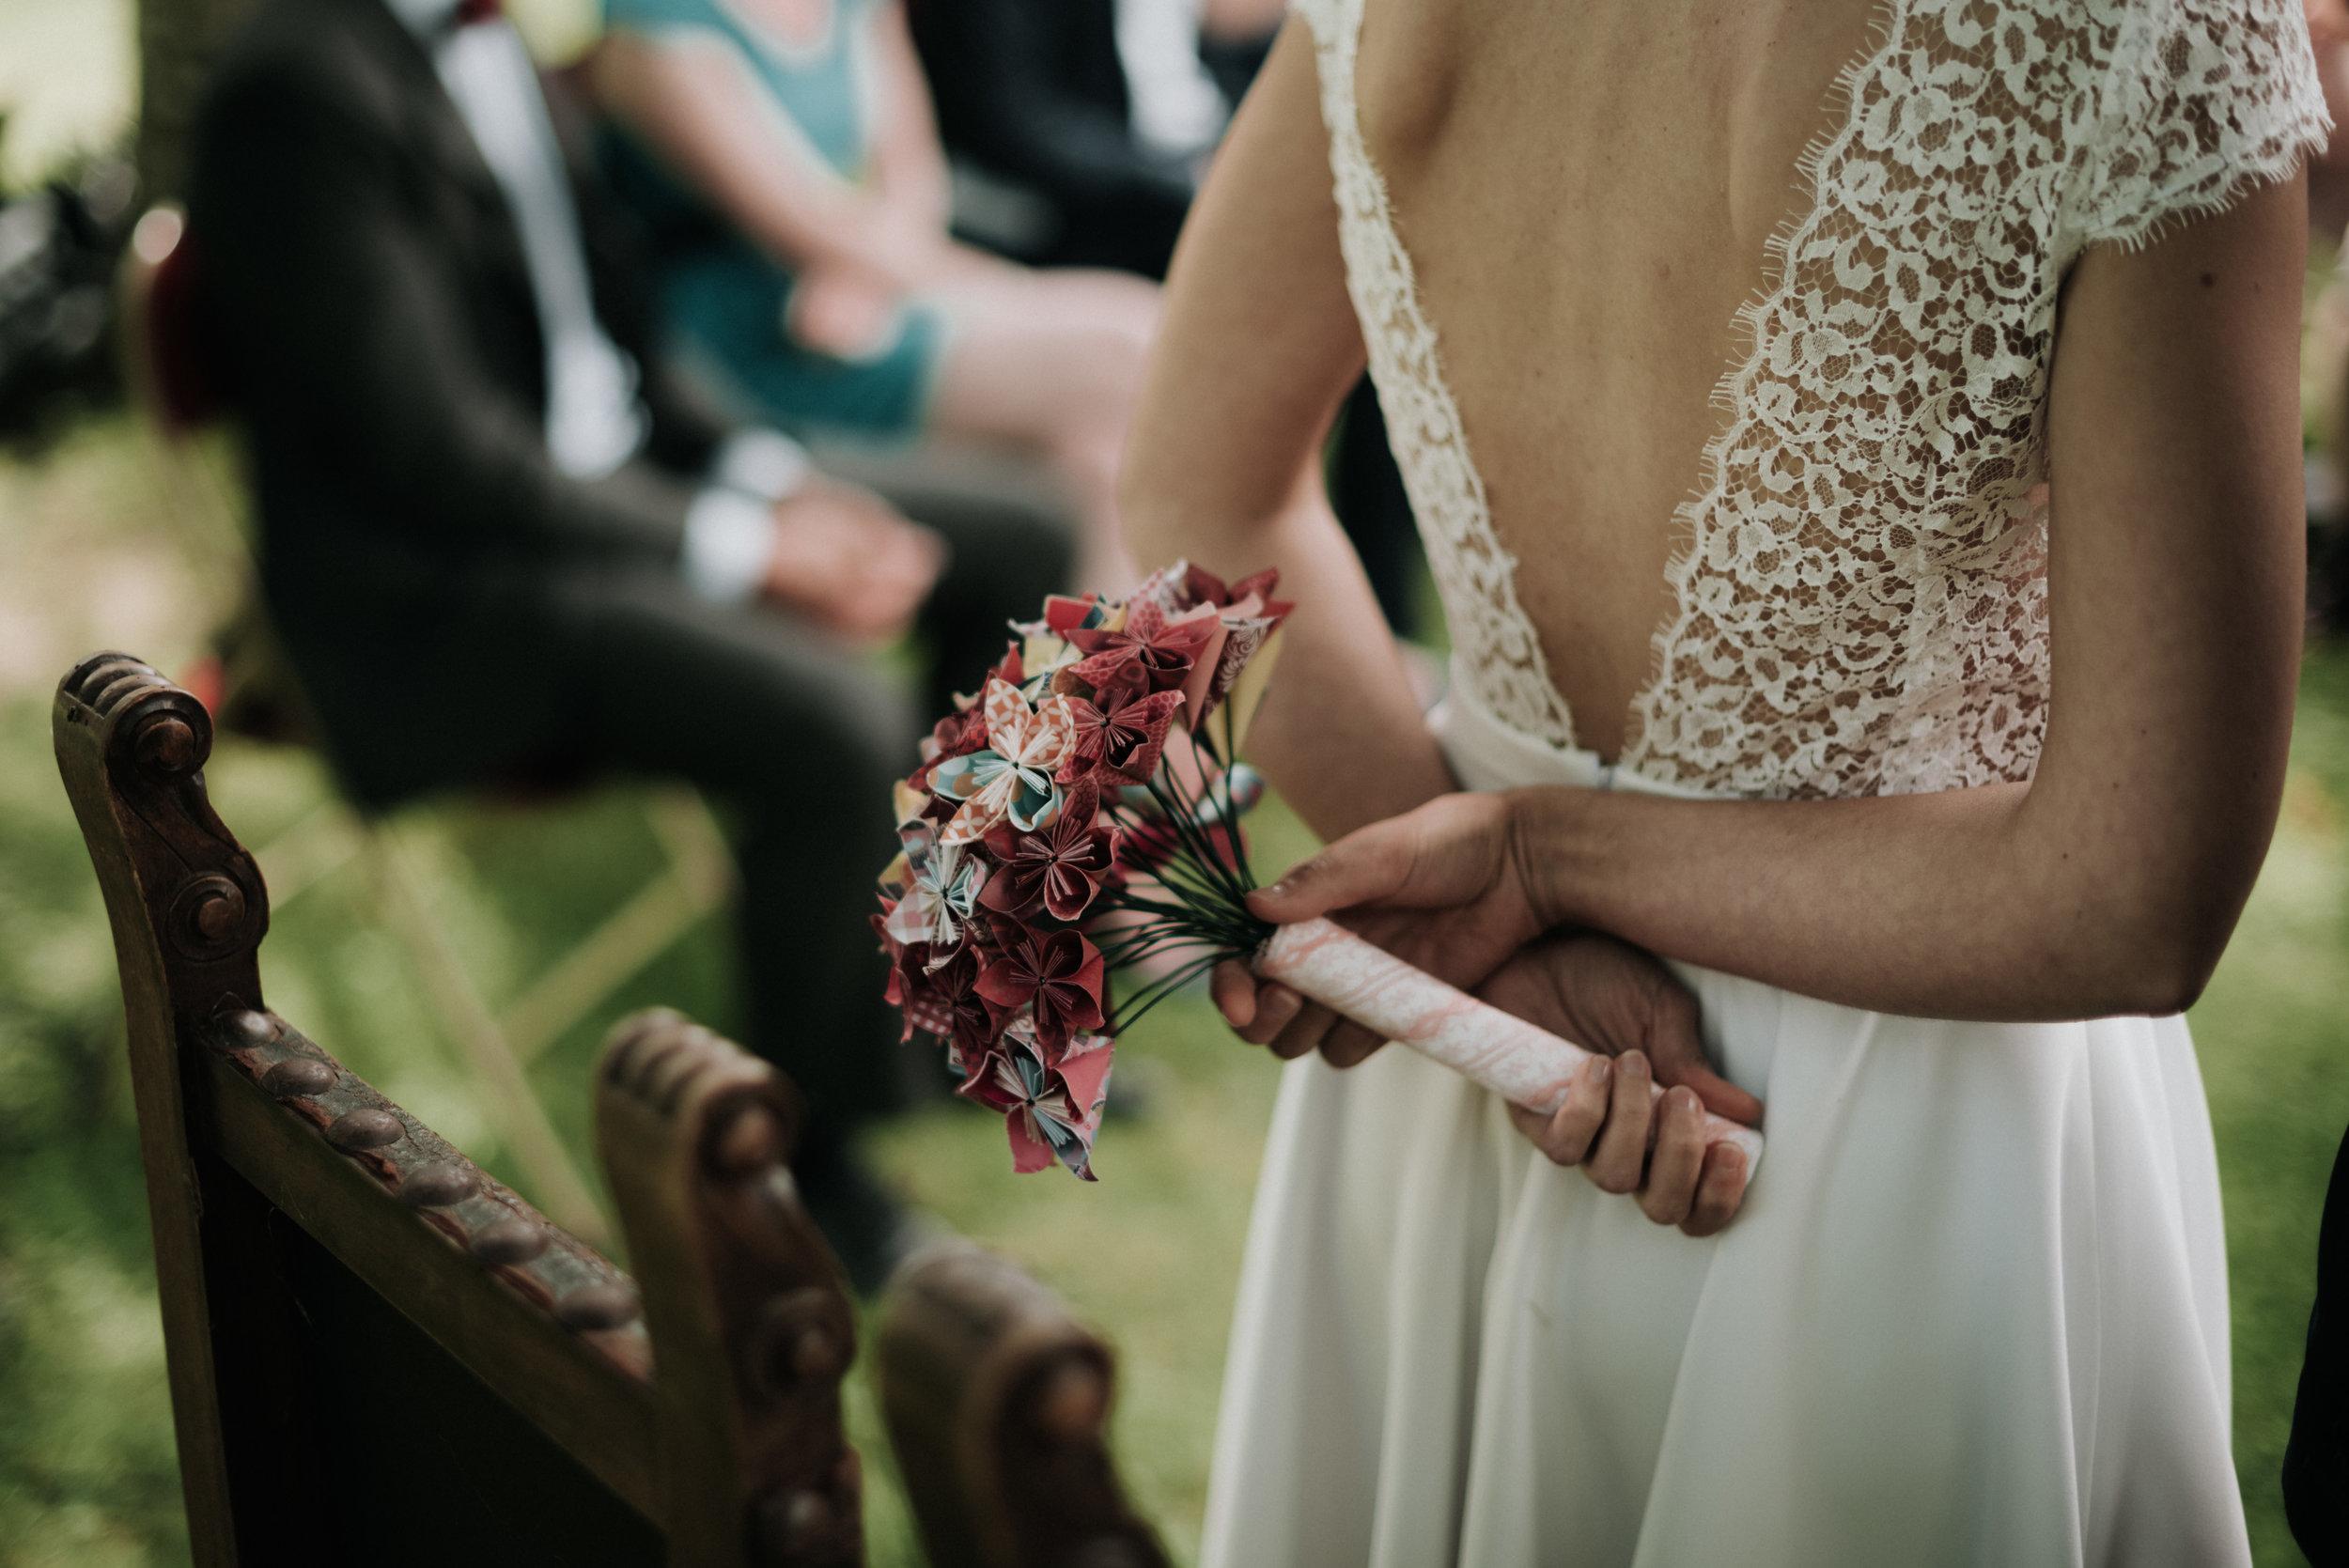 Léa-Fery-photographe-professionnel-lyon-rhone-alpes-portrait-creation-mariage-evenement-evenementiel-famille-5259.jpg